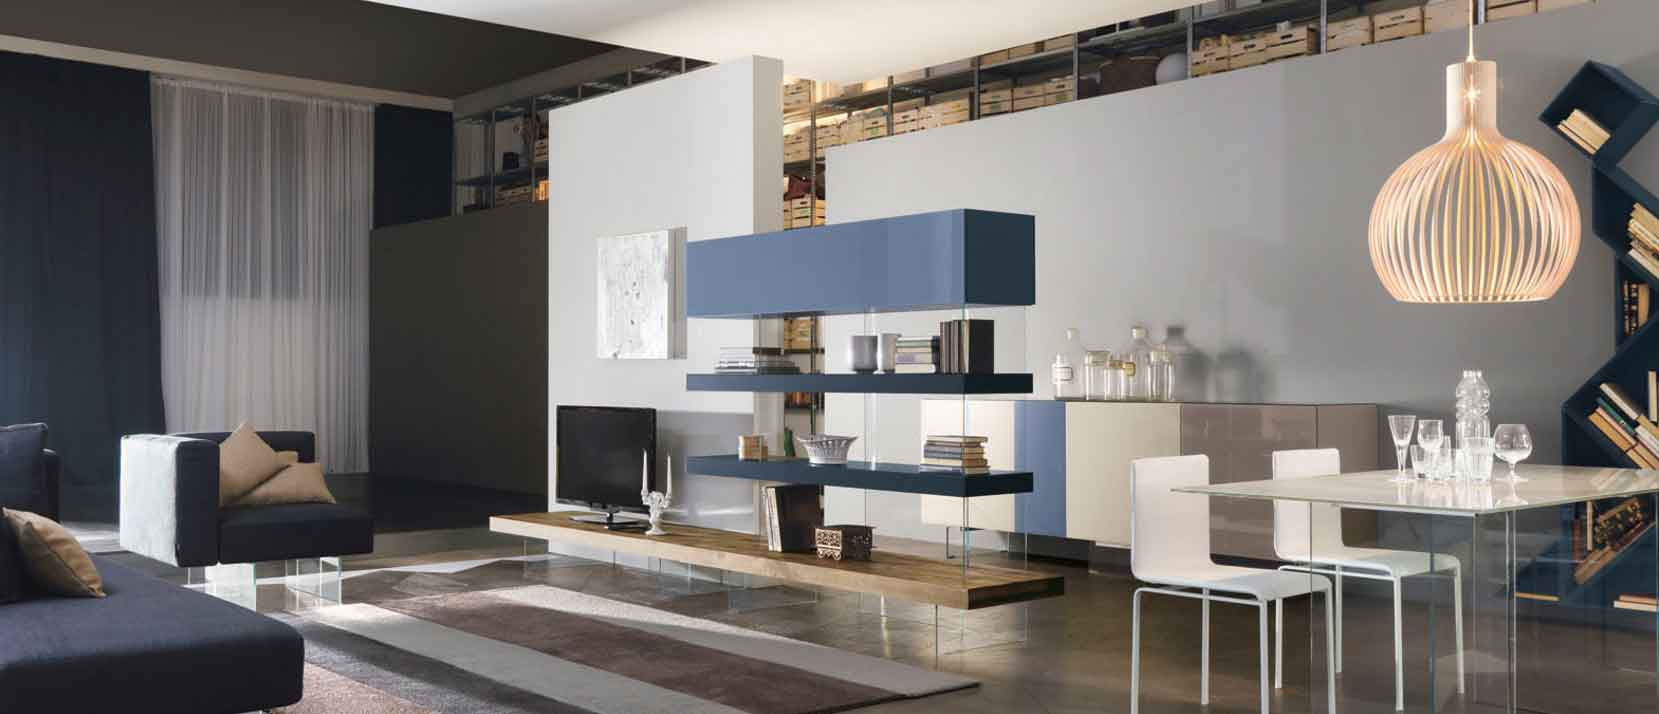 Separare ma non troppo il progetto in una stanza blog for Stanza design